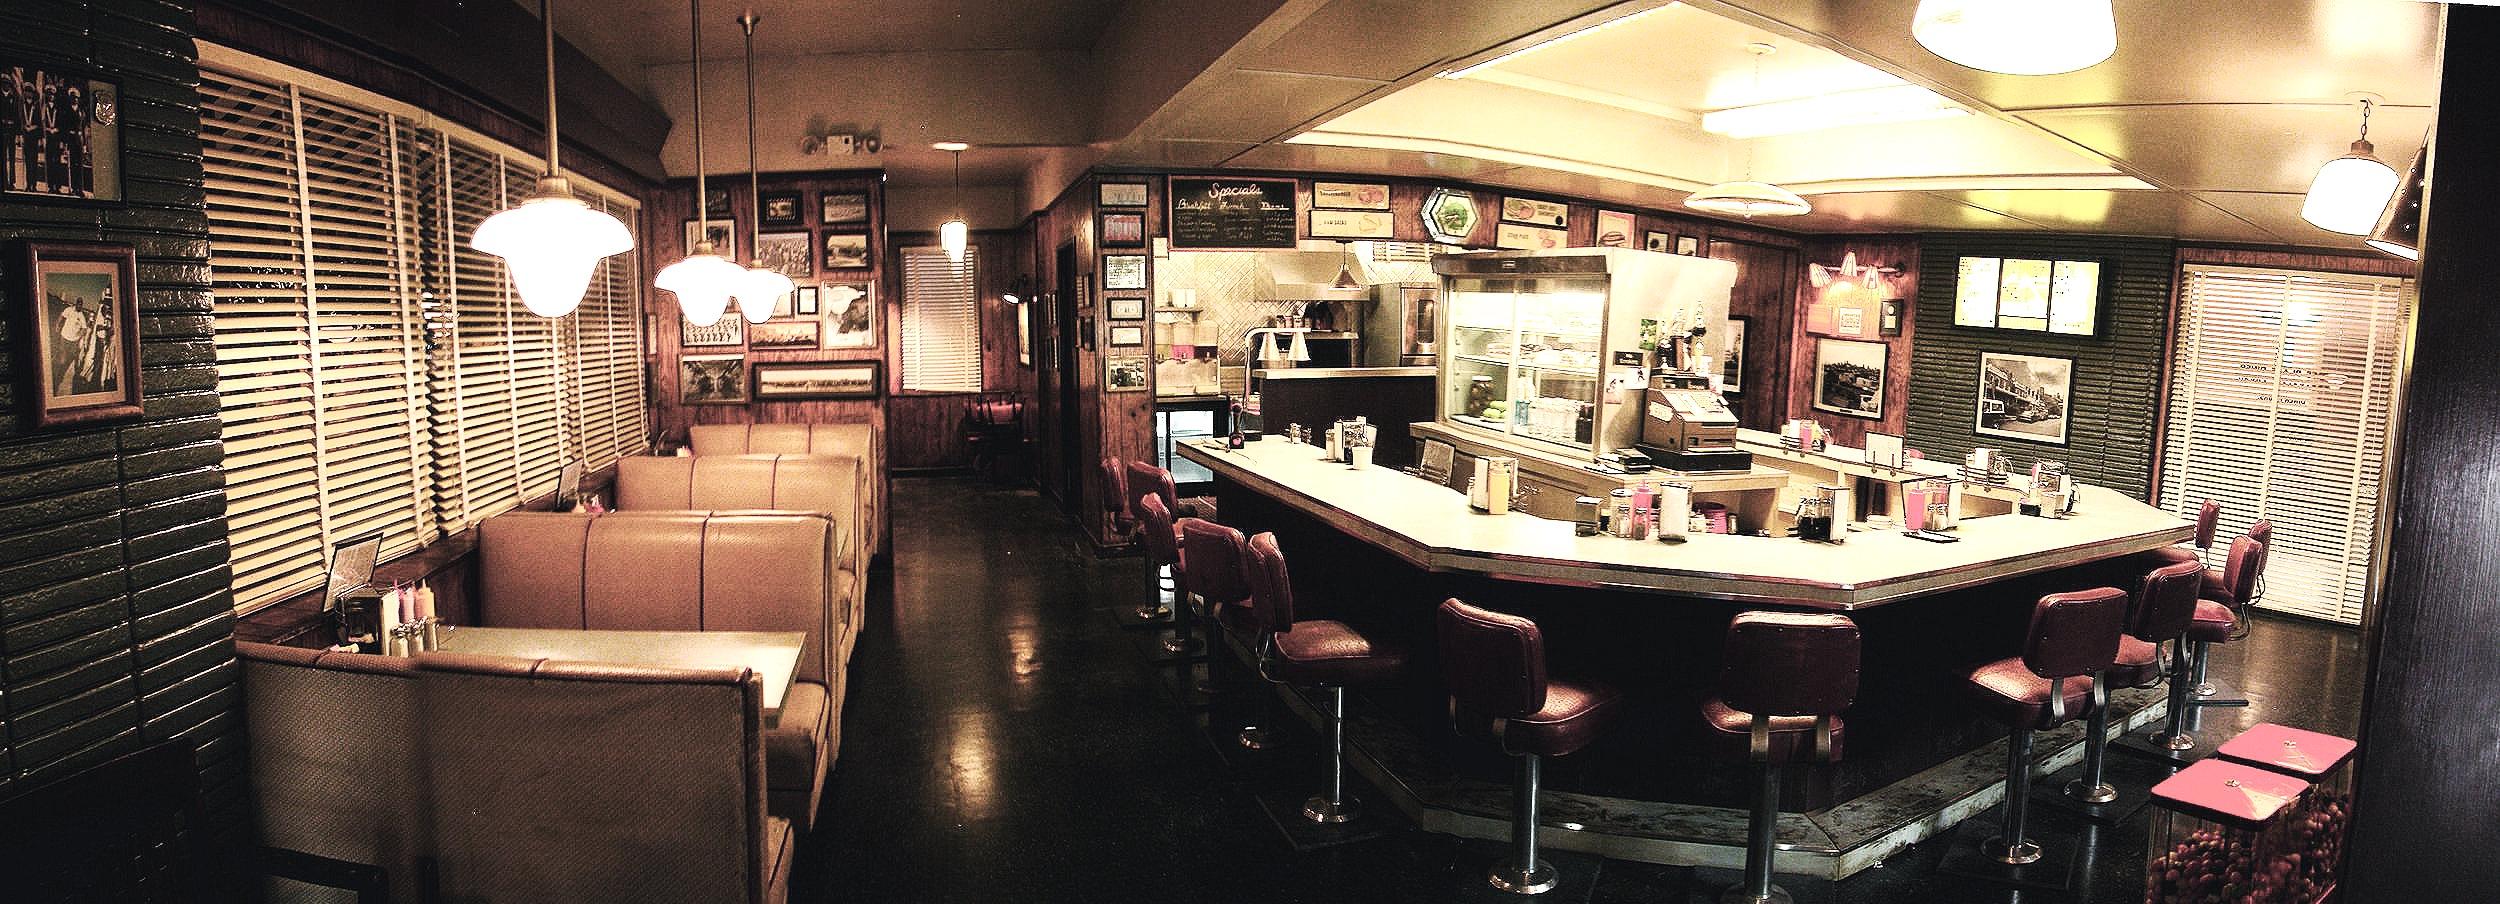 Cold Case Diner.jpg